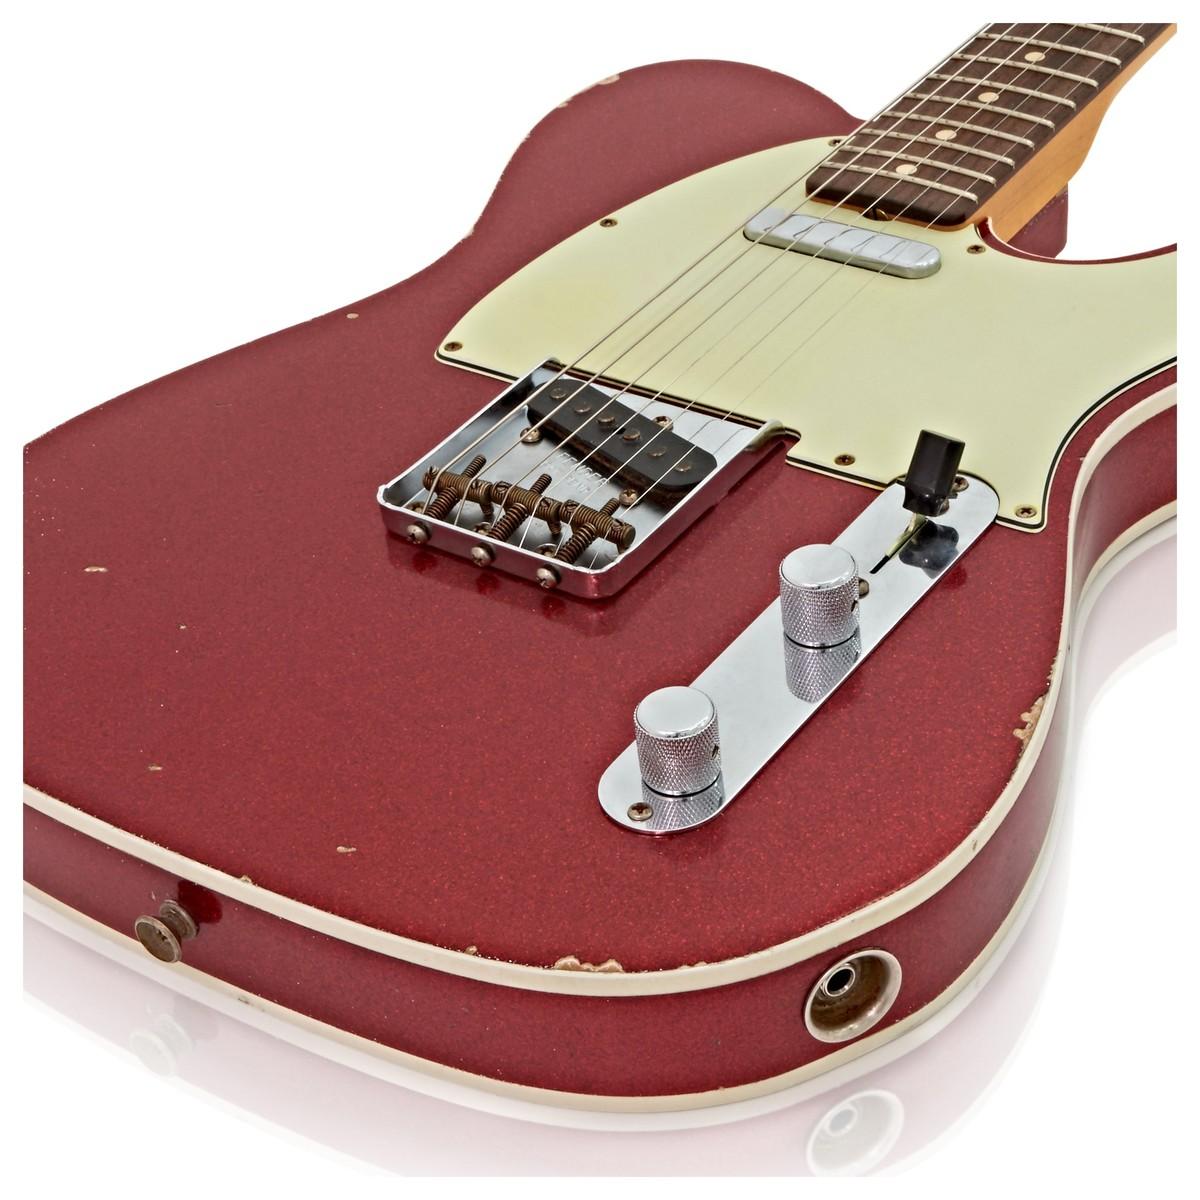 fender custom shop 1962 relic telecaster custom red sparkle cz527501 at. Black Bedroom Furniture Sets. Home Design Ideas